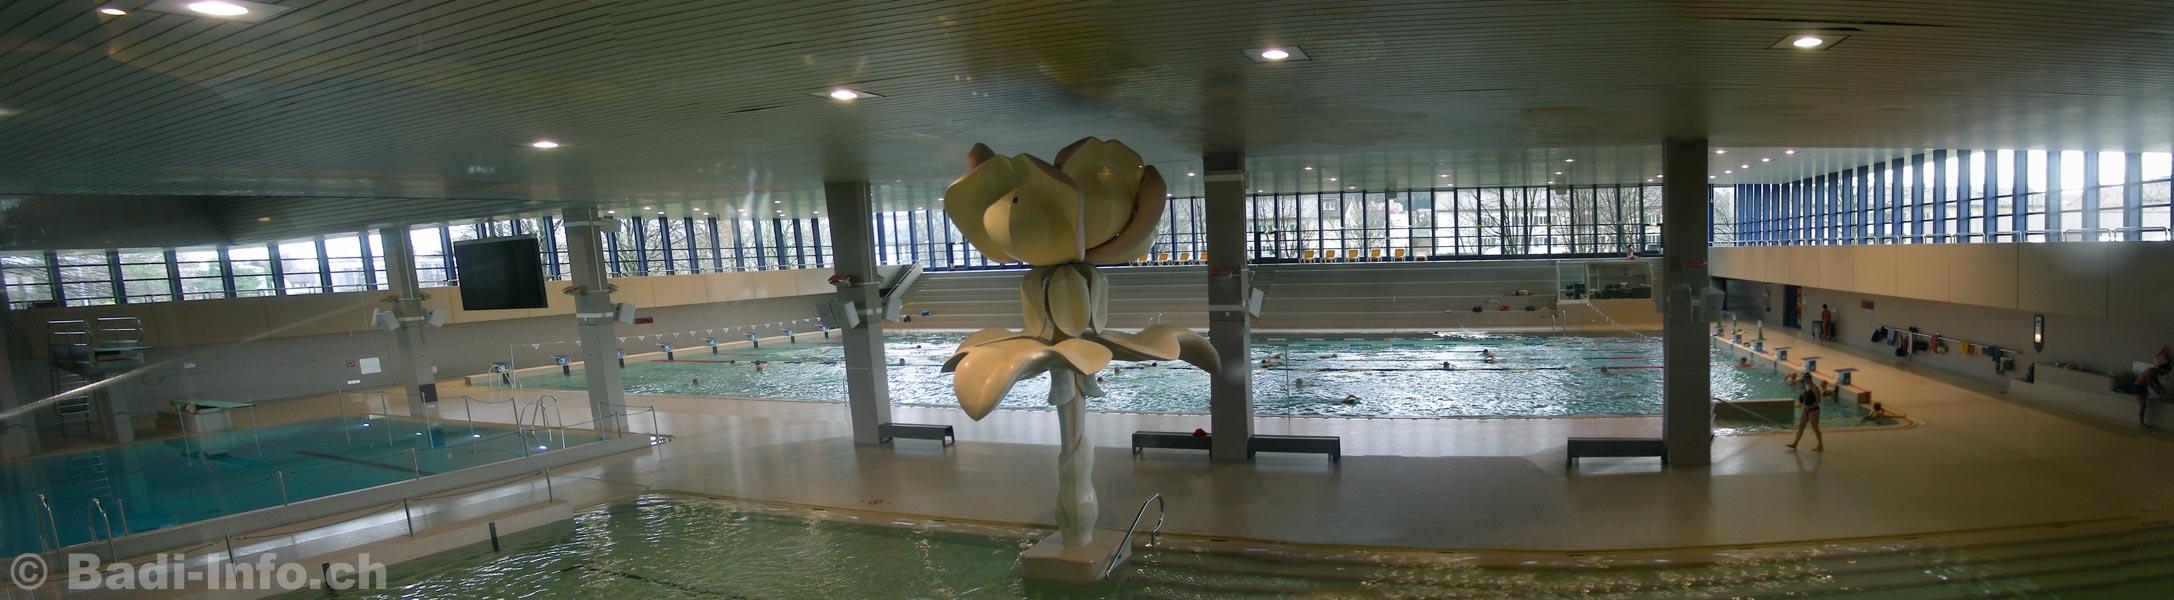 Hallenbad - Oerlikon swimming pool ...